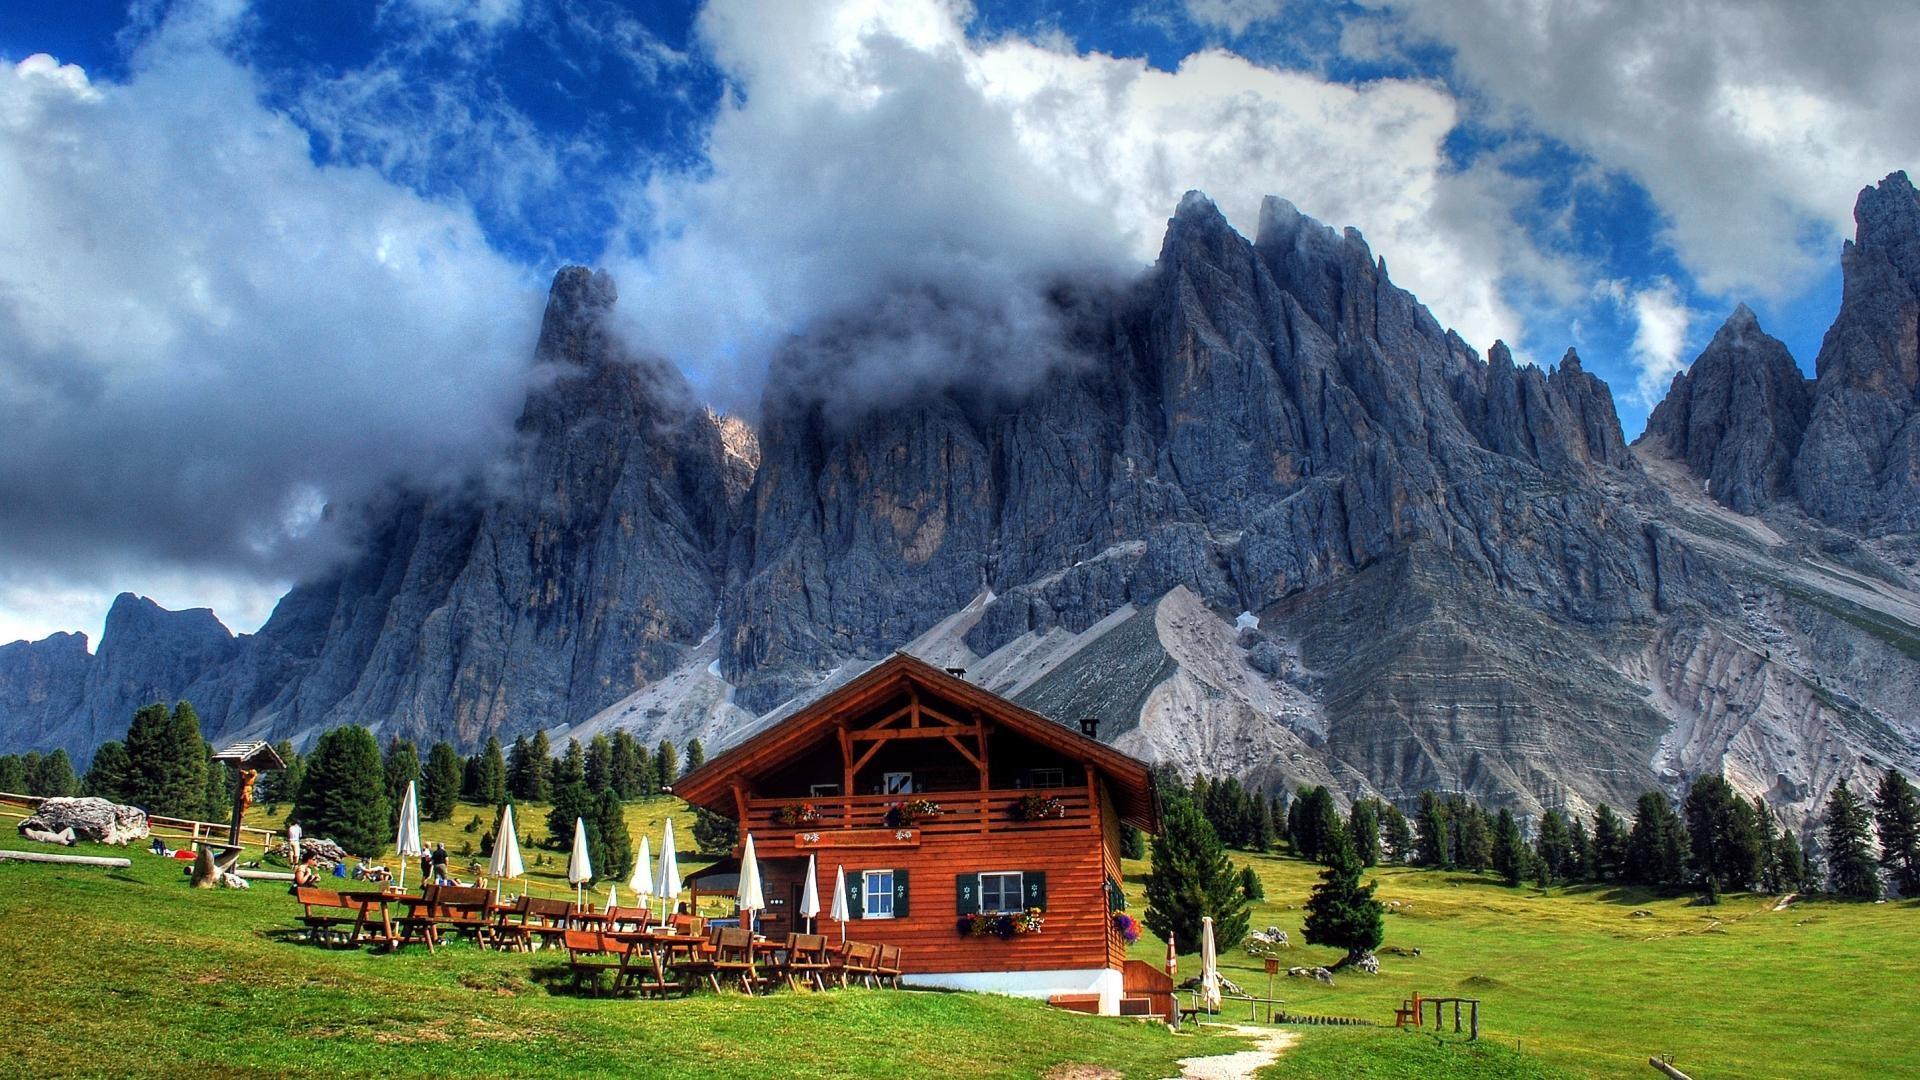 своих картинки швейцарских альп прошлом году